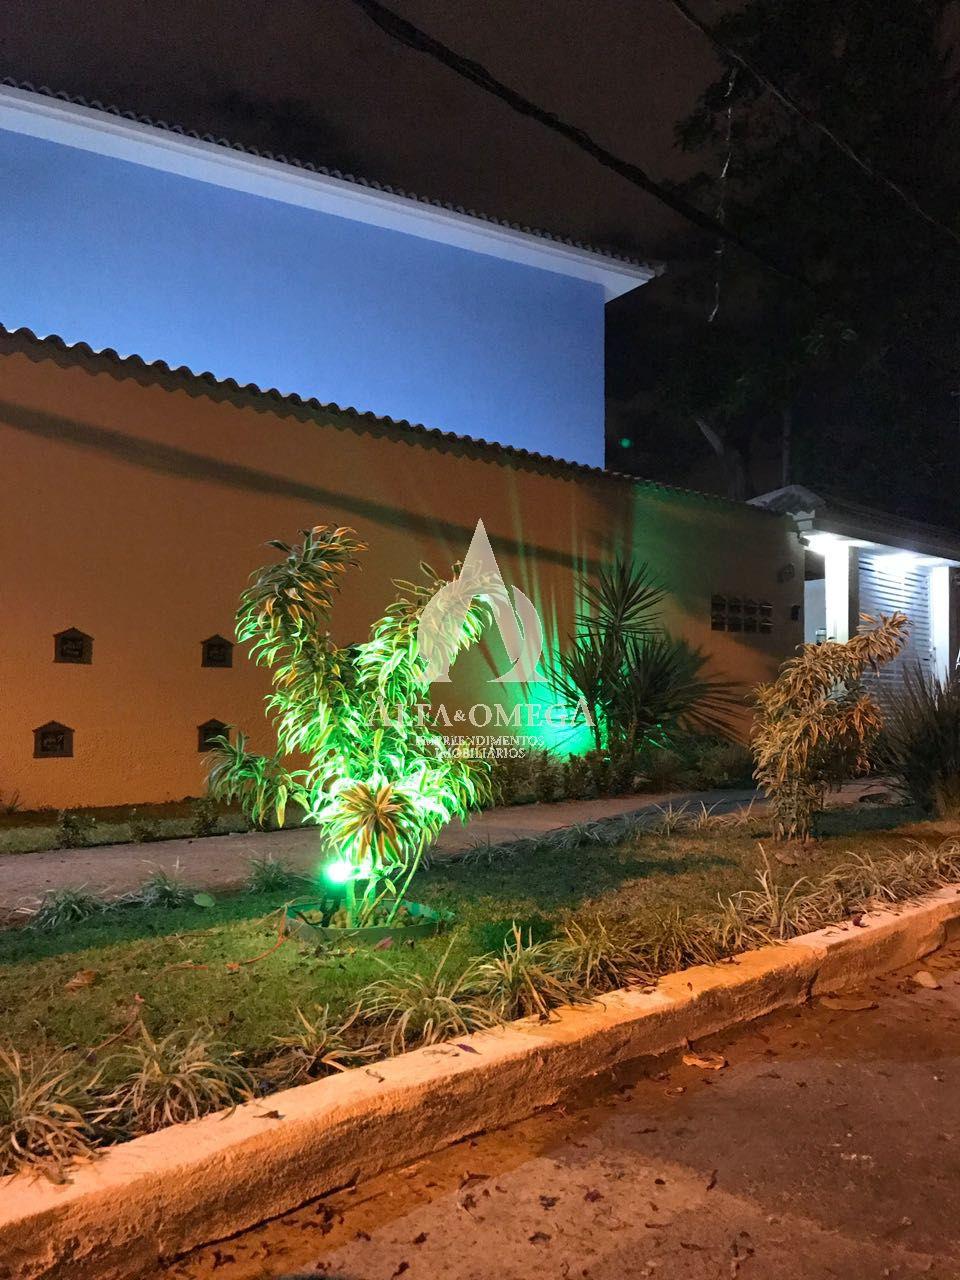 FOTO 15 - Casa 3 quartos à venda Taquara, Rio de Janeiro - R$ 452.000 - AOJ60015 - 15